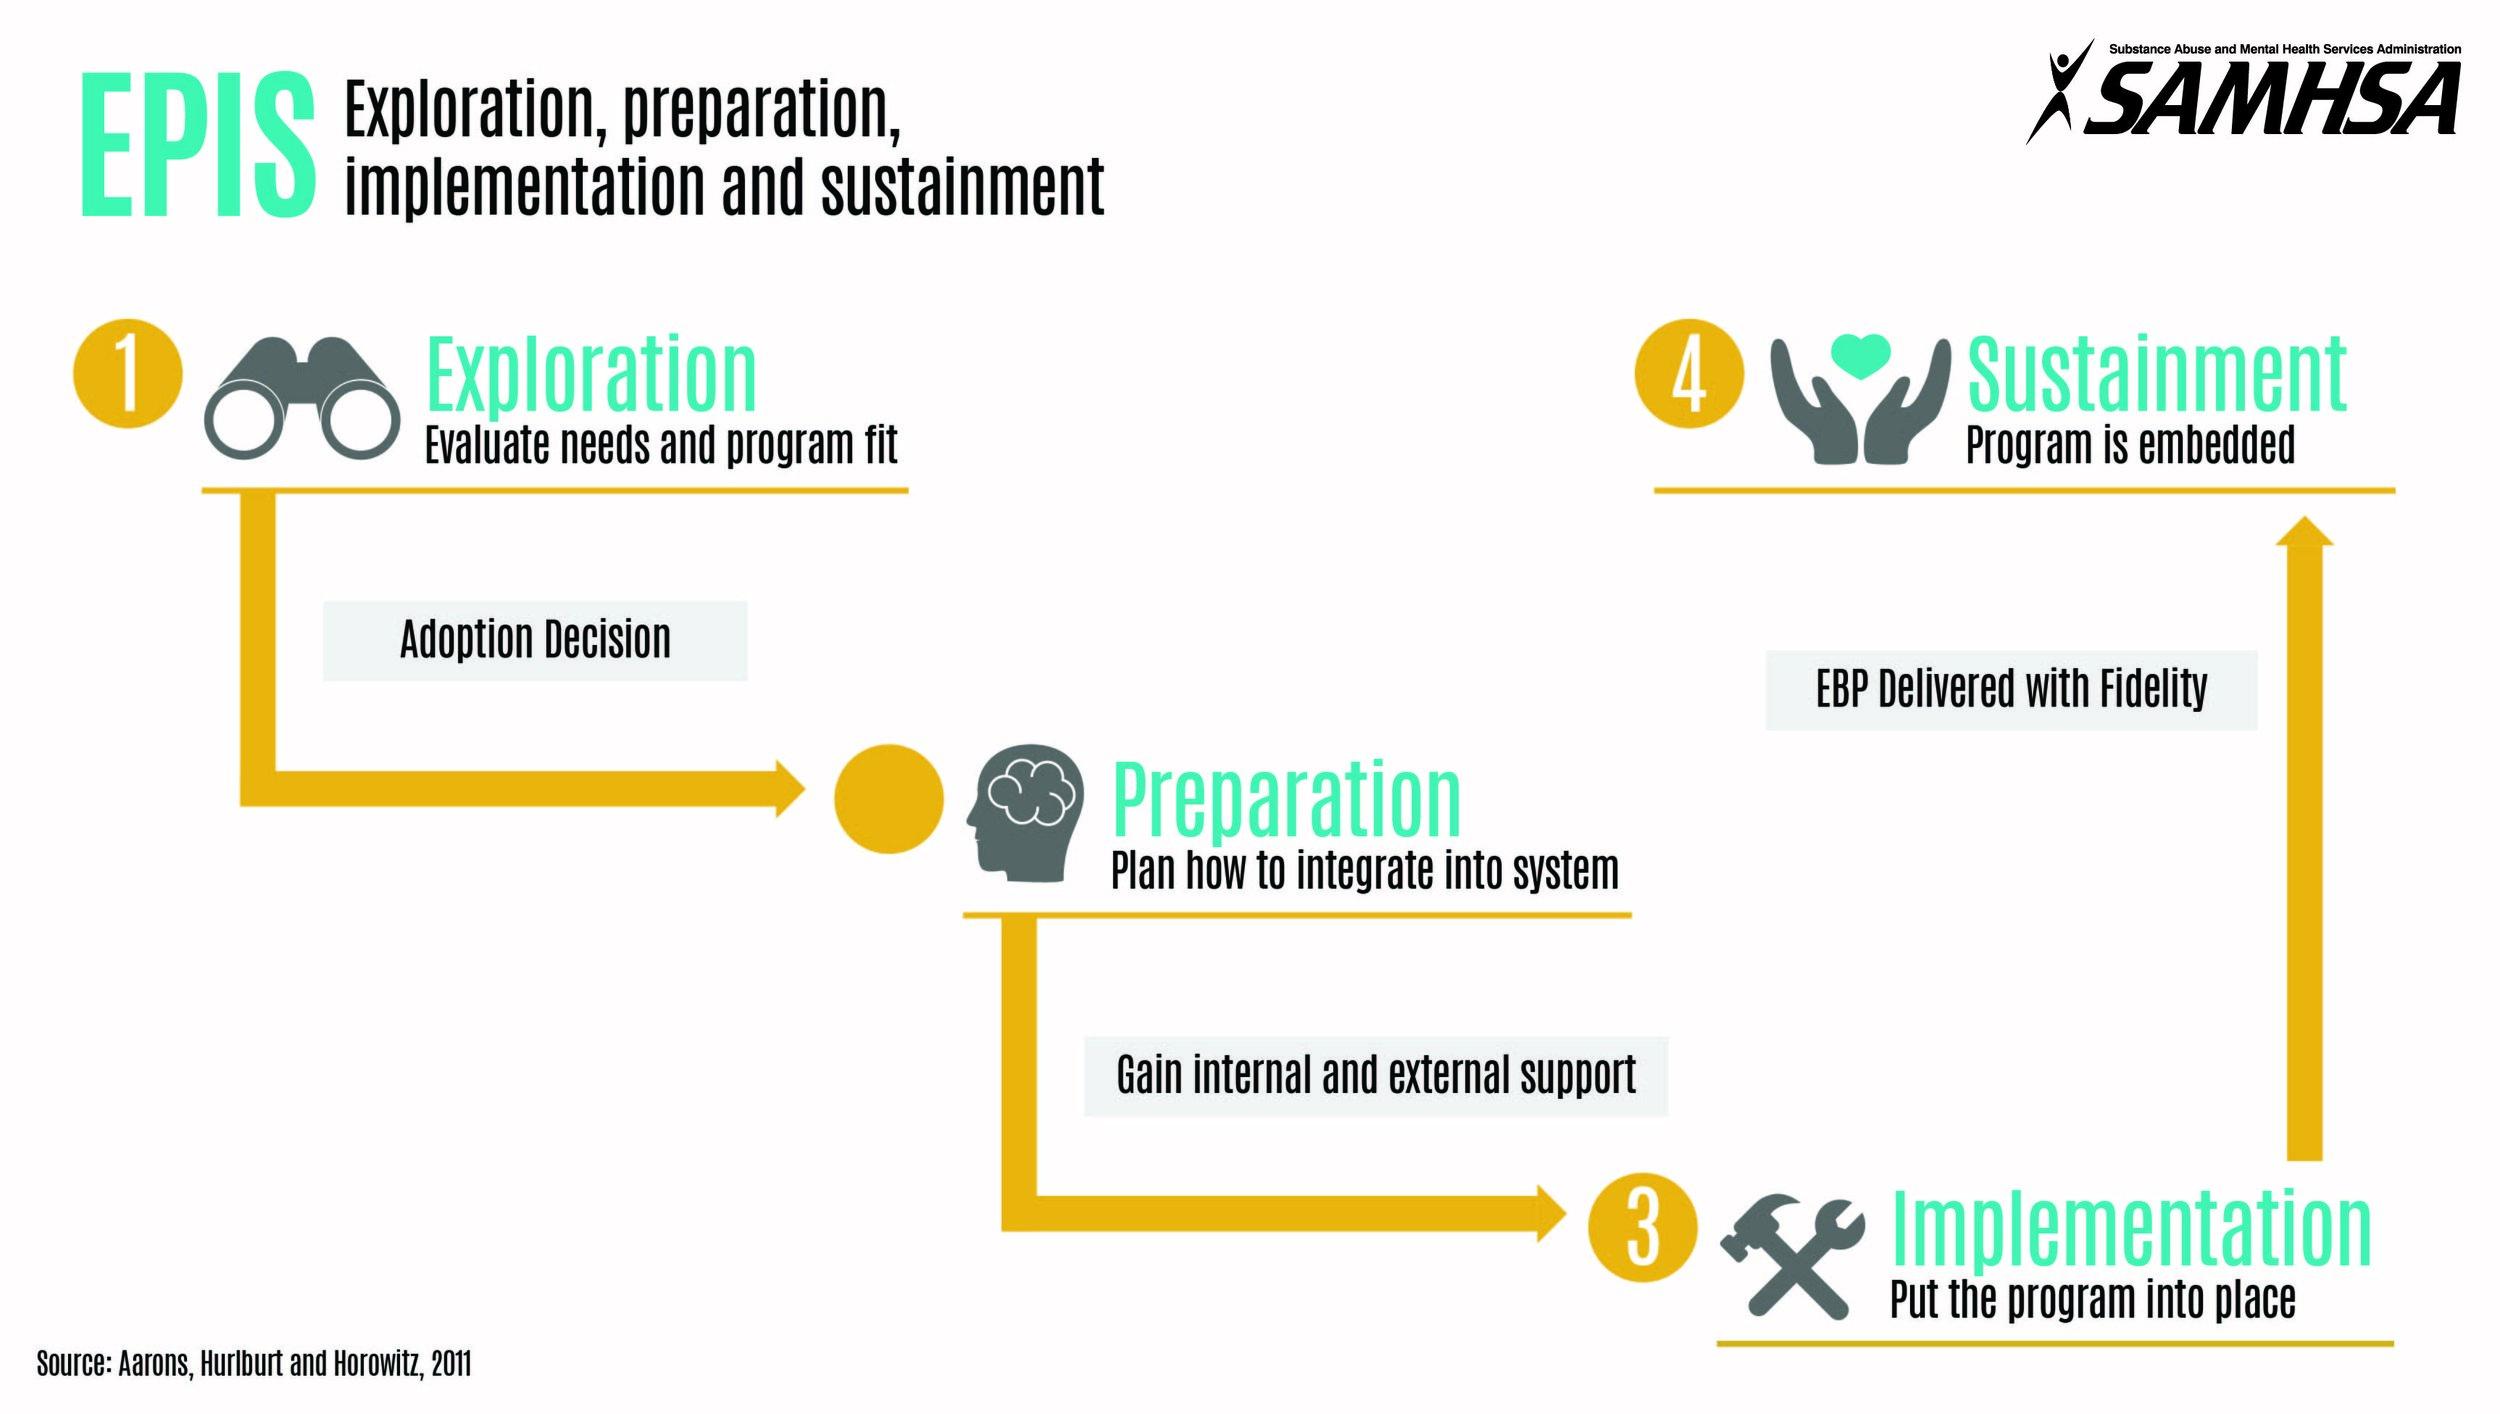 EPIS Graphic.SAMHSA.jpg